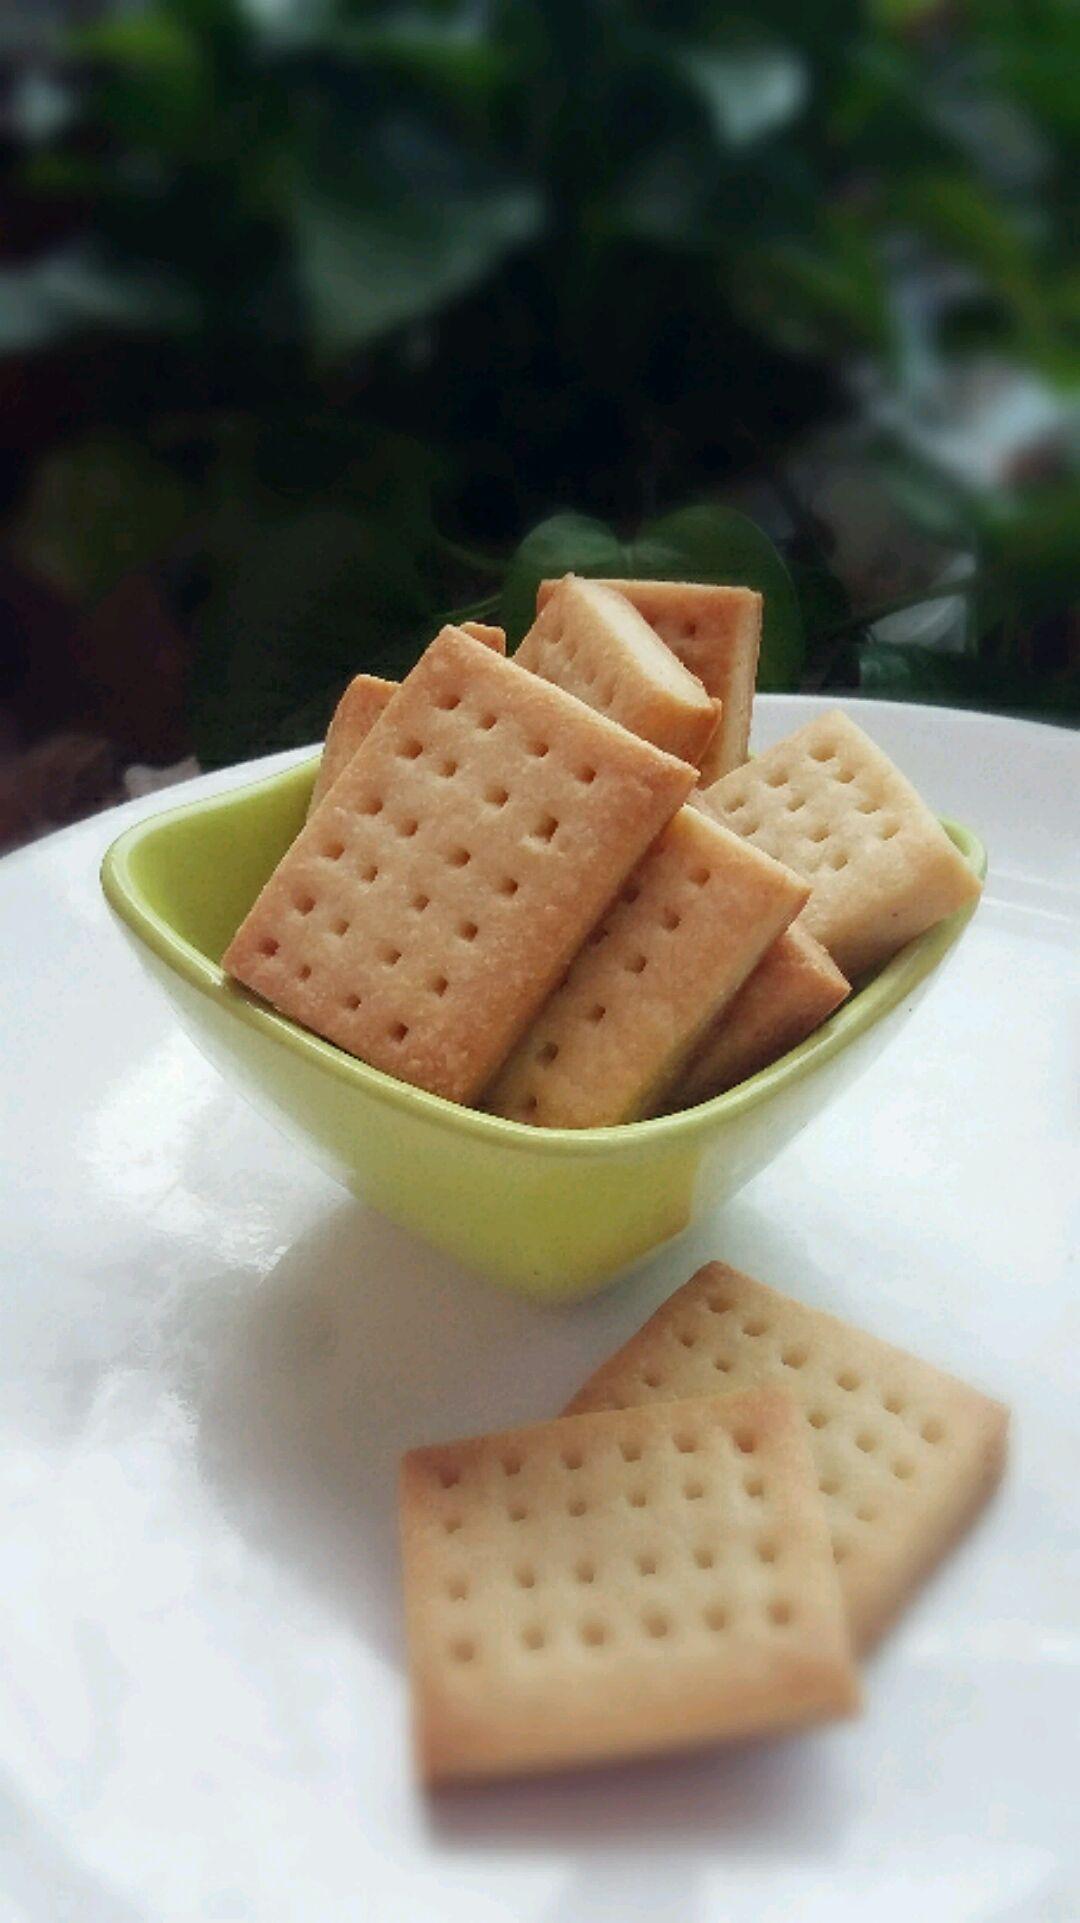 可爱的小饼干,很好吃